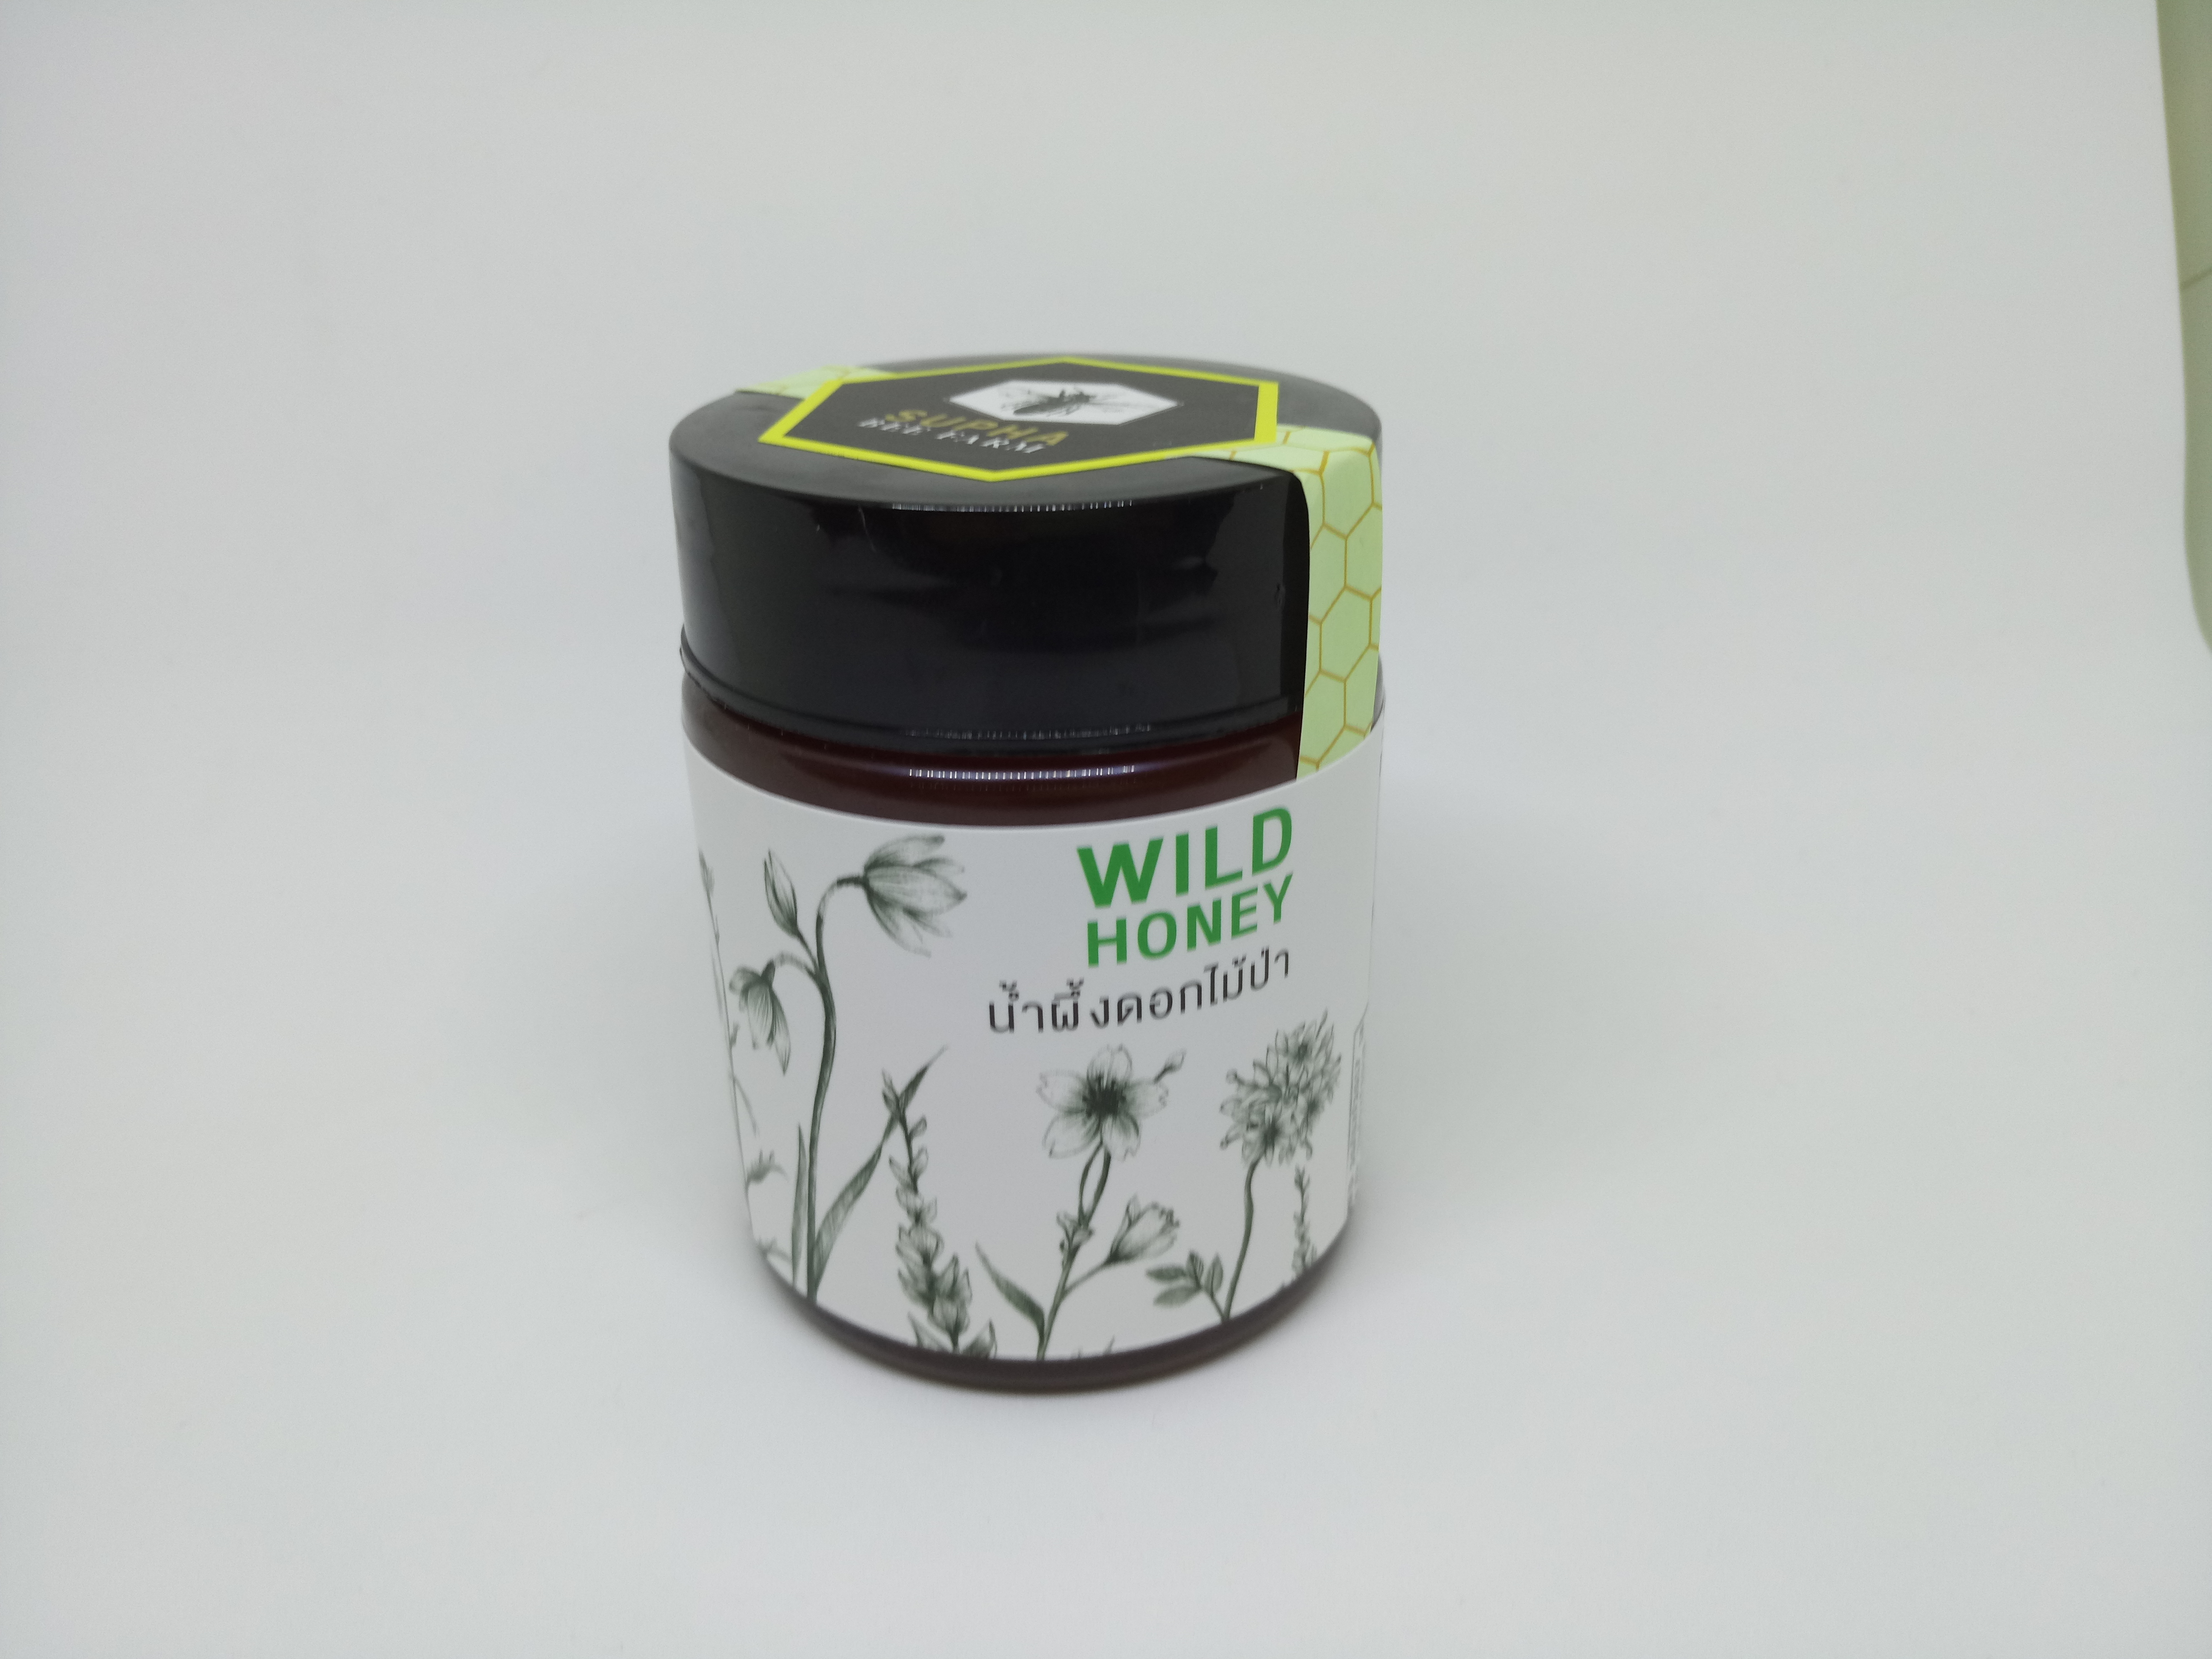 น้ำผึ้งดอกไม้ป่า 300 กรัม (Wild Honey 300g)